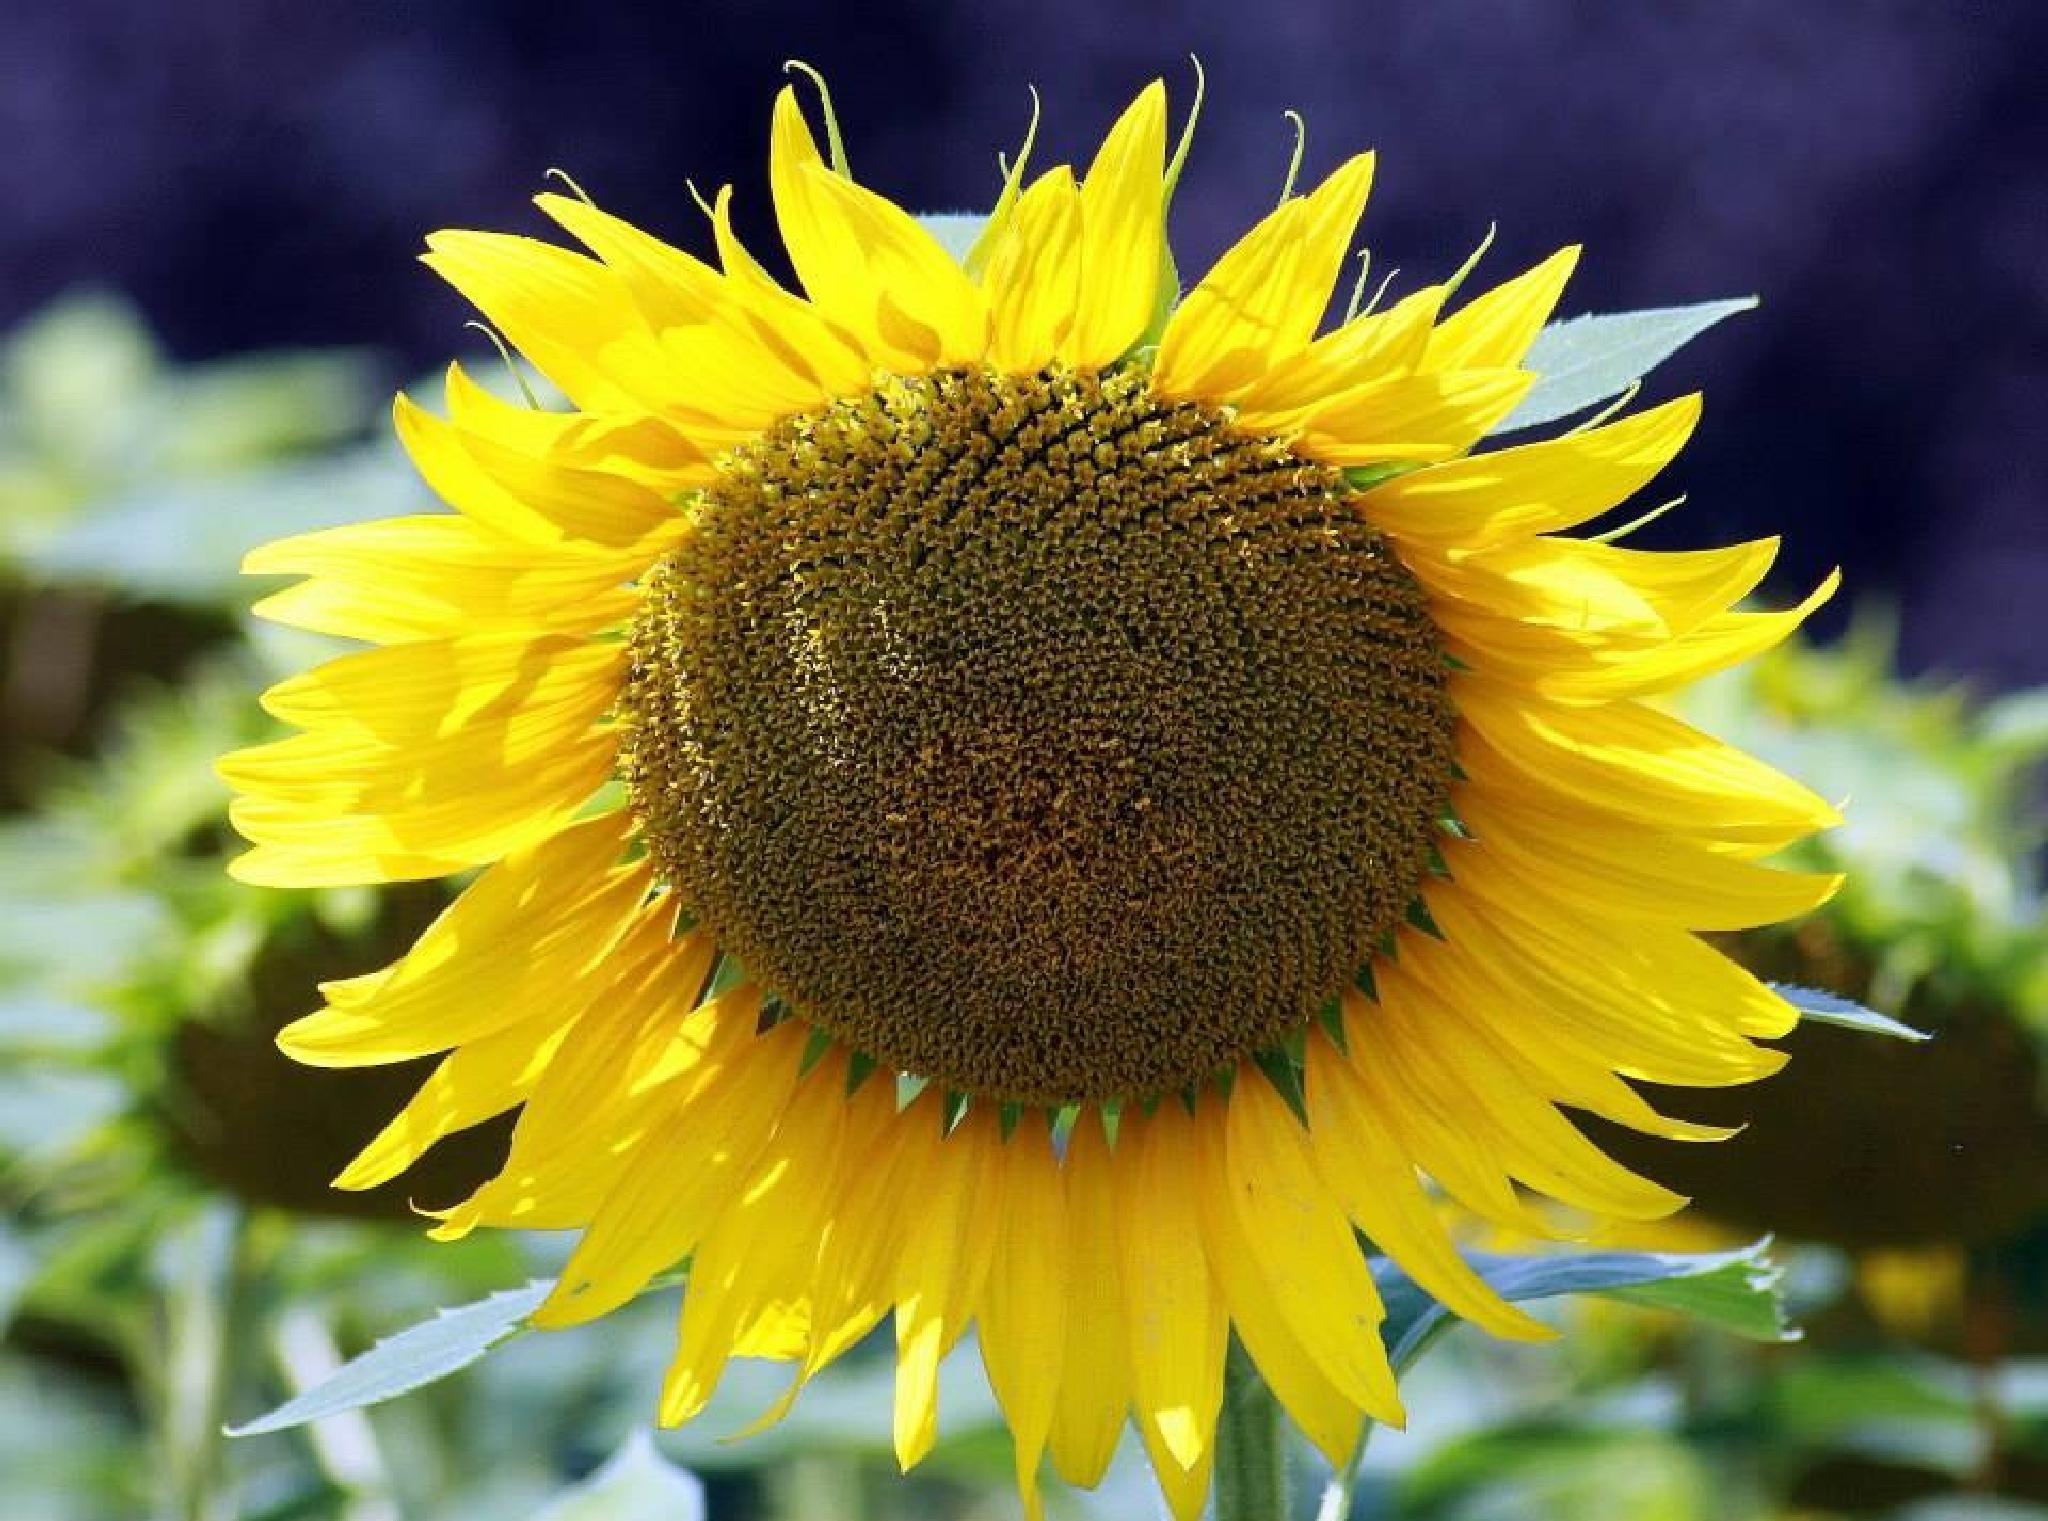 Sunflower by monanorrman